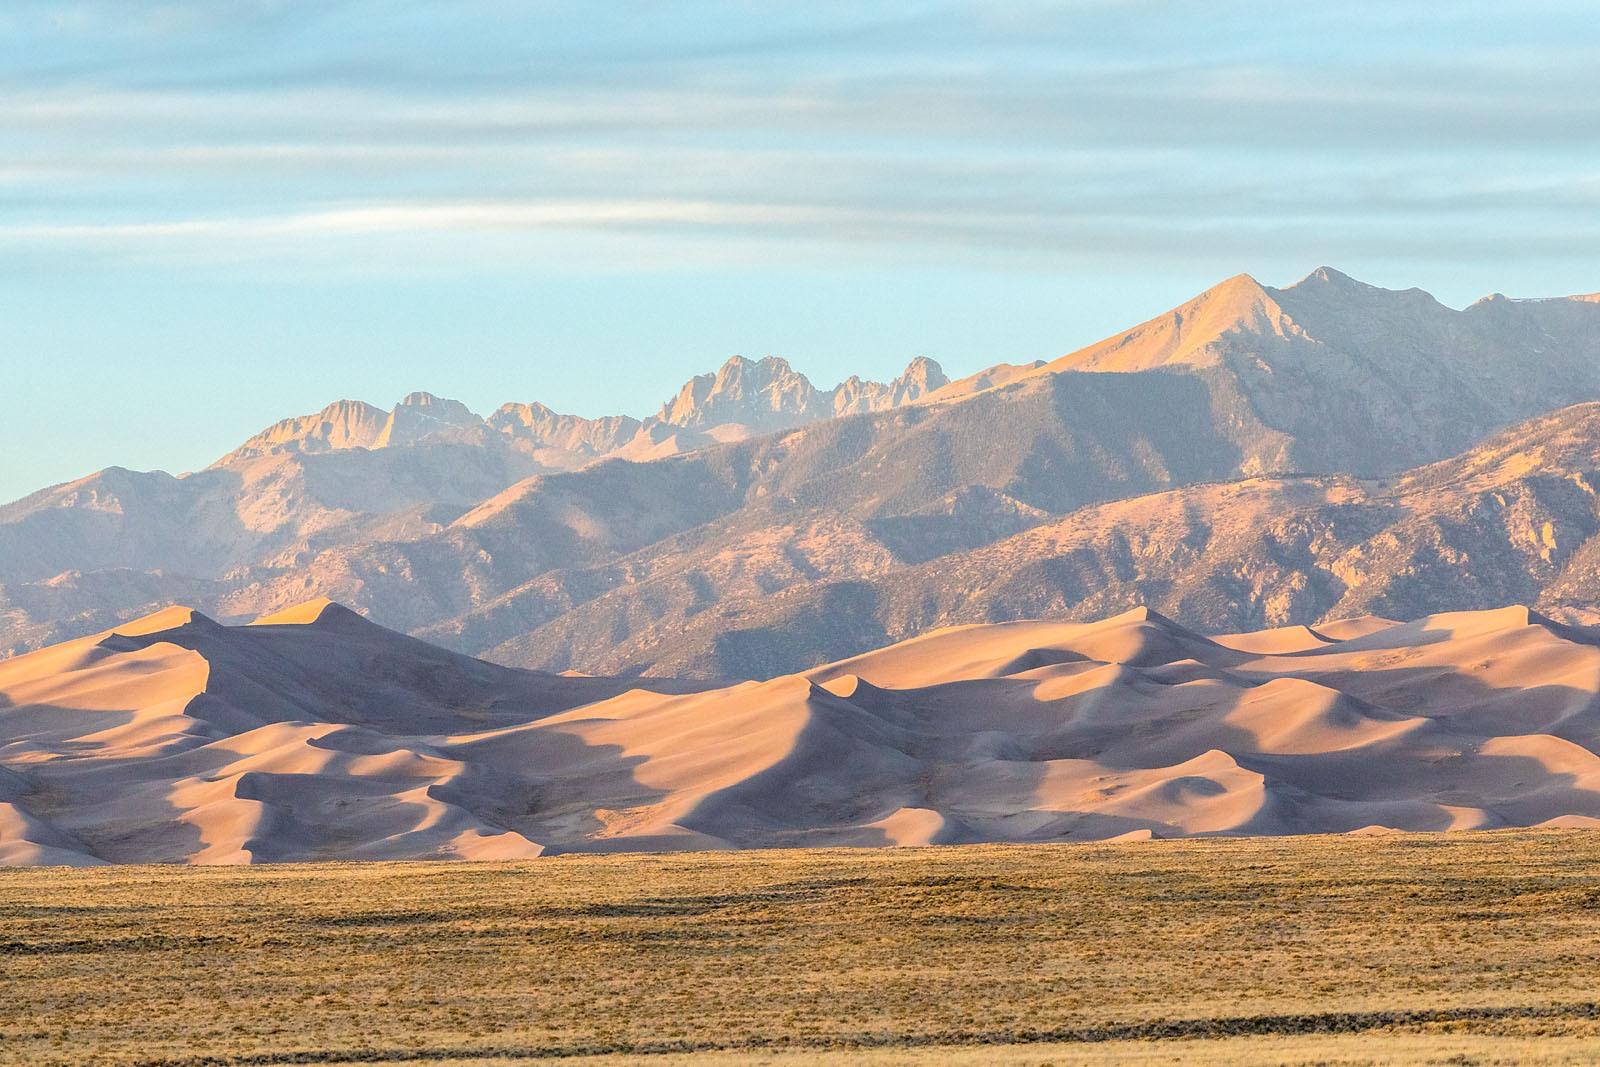 Bassett Scenic Landscape Vistas IMG_5723